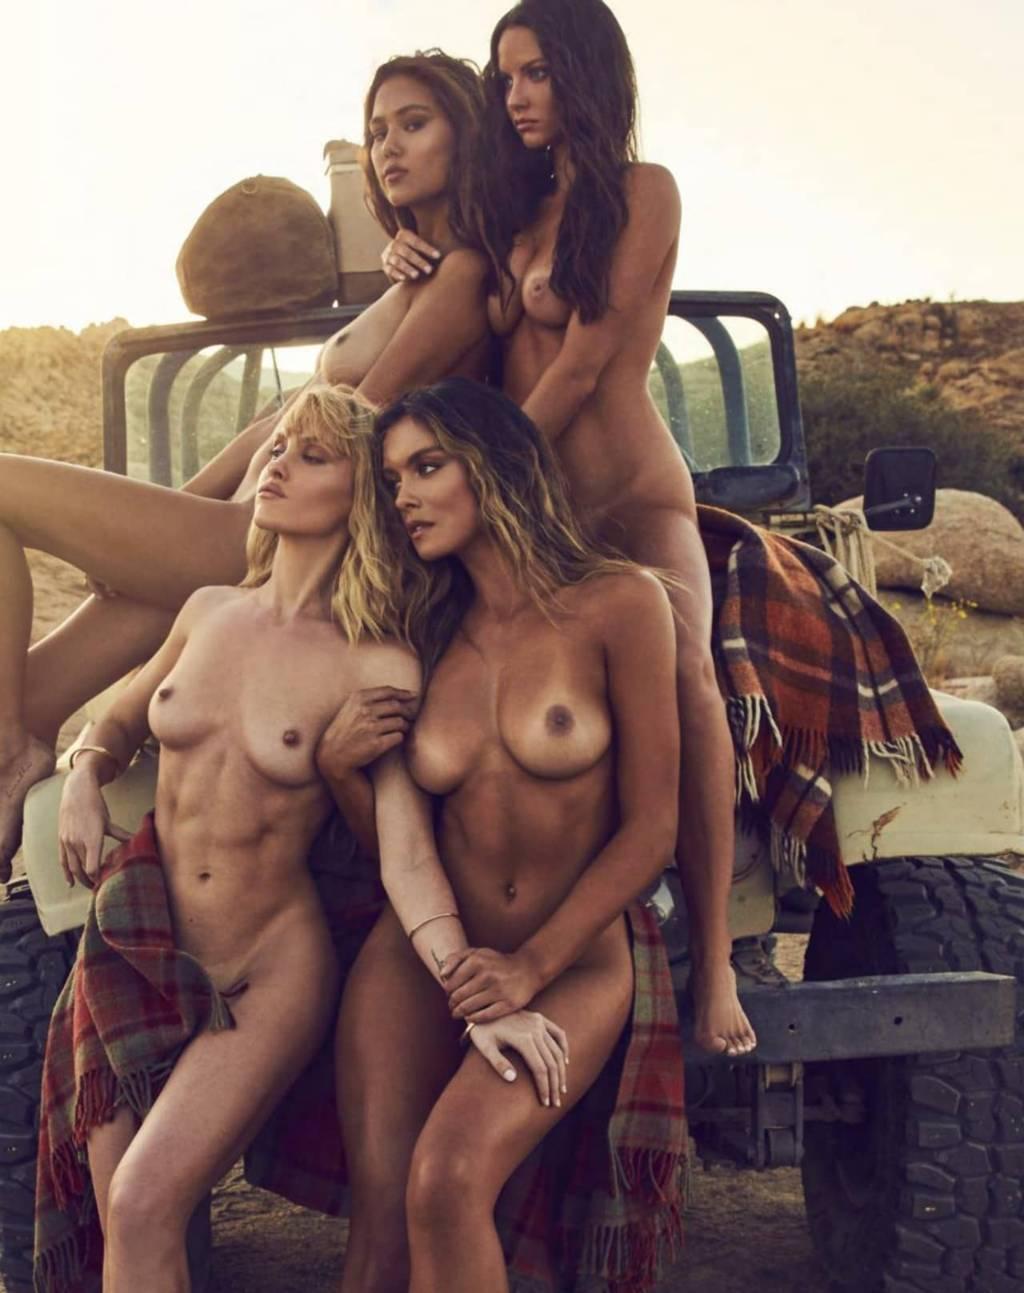 Fit-Naked-Girls-com-Cherokee-Luker-nude-1